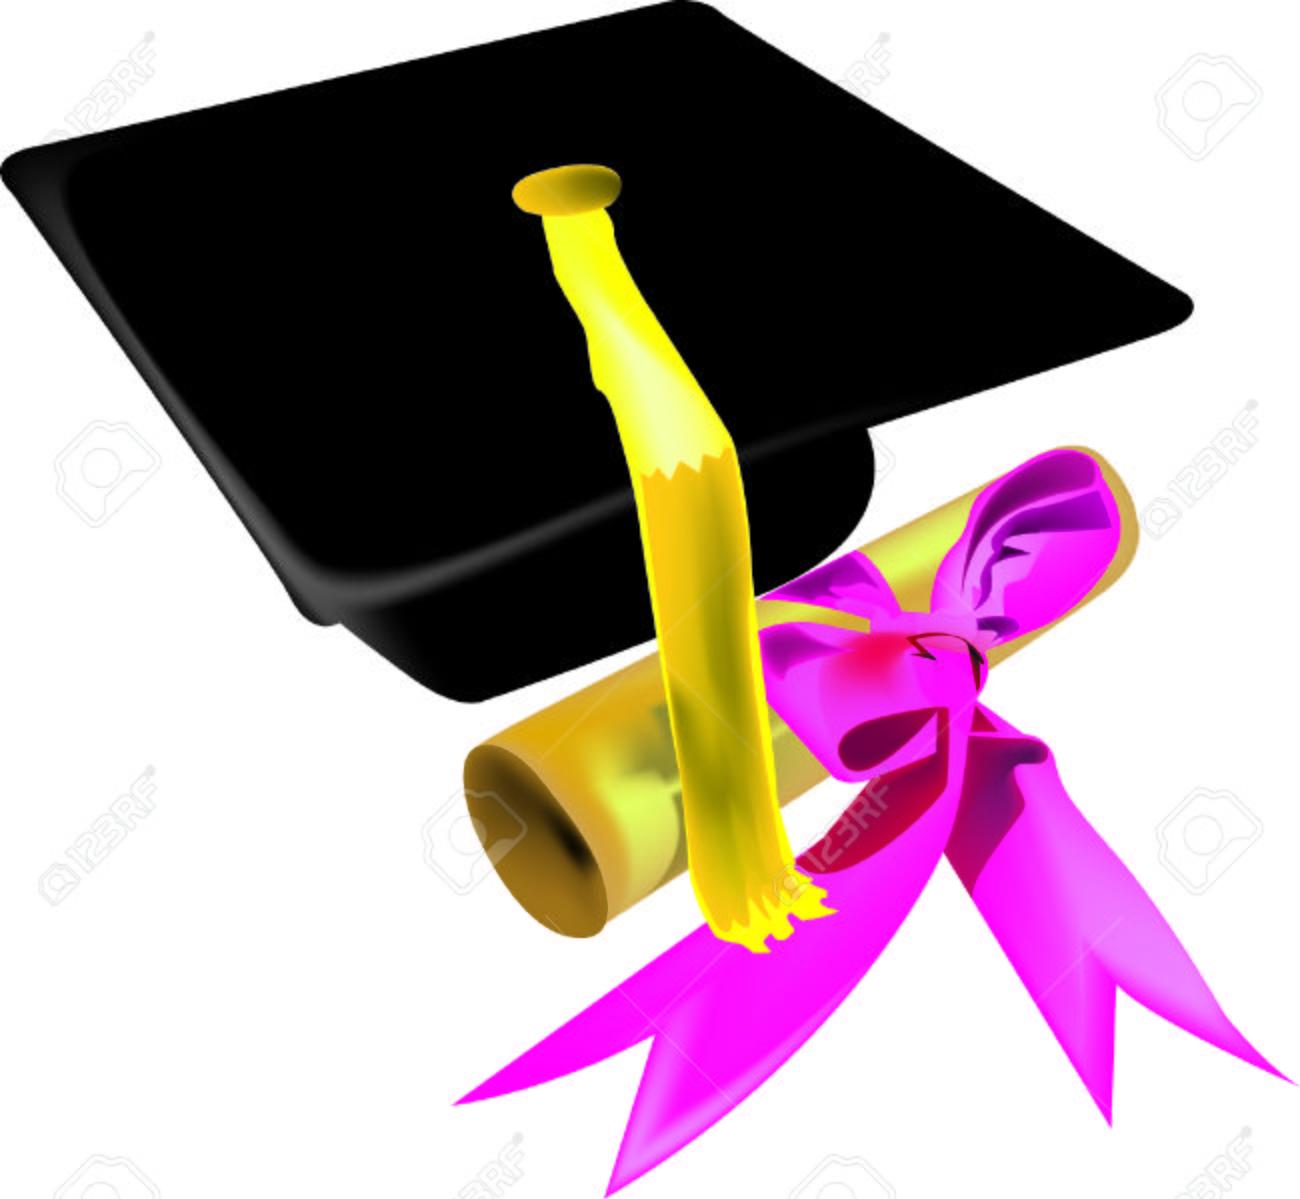 gorro de graduación con diploma